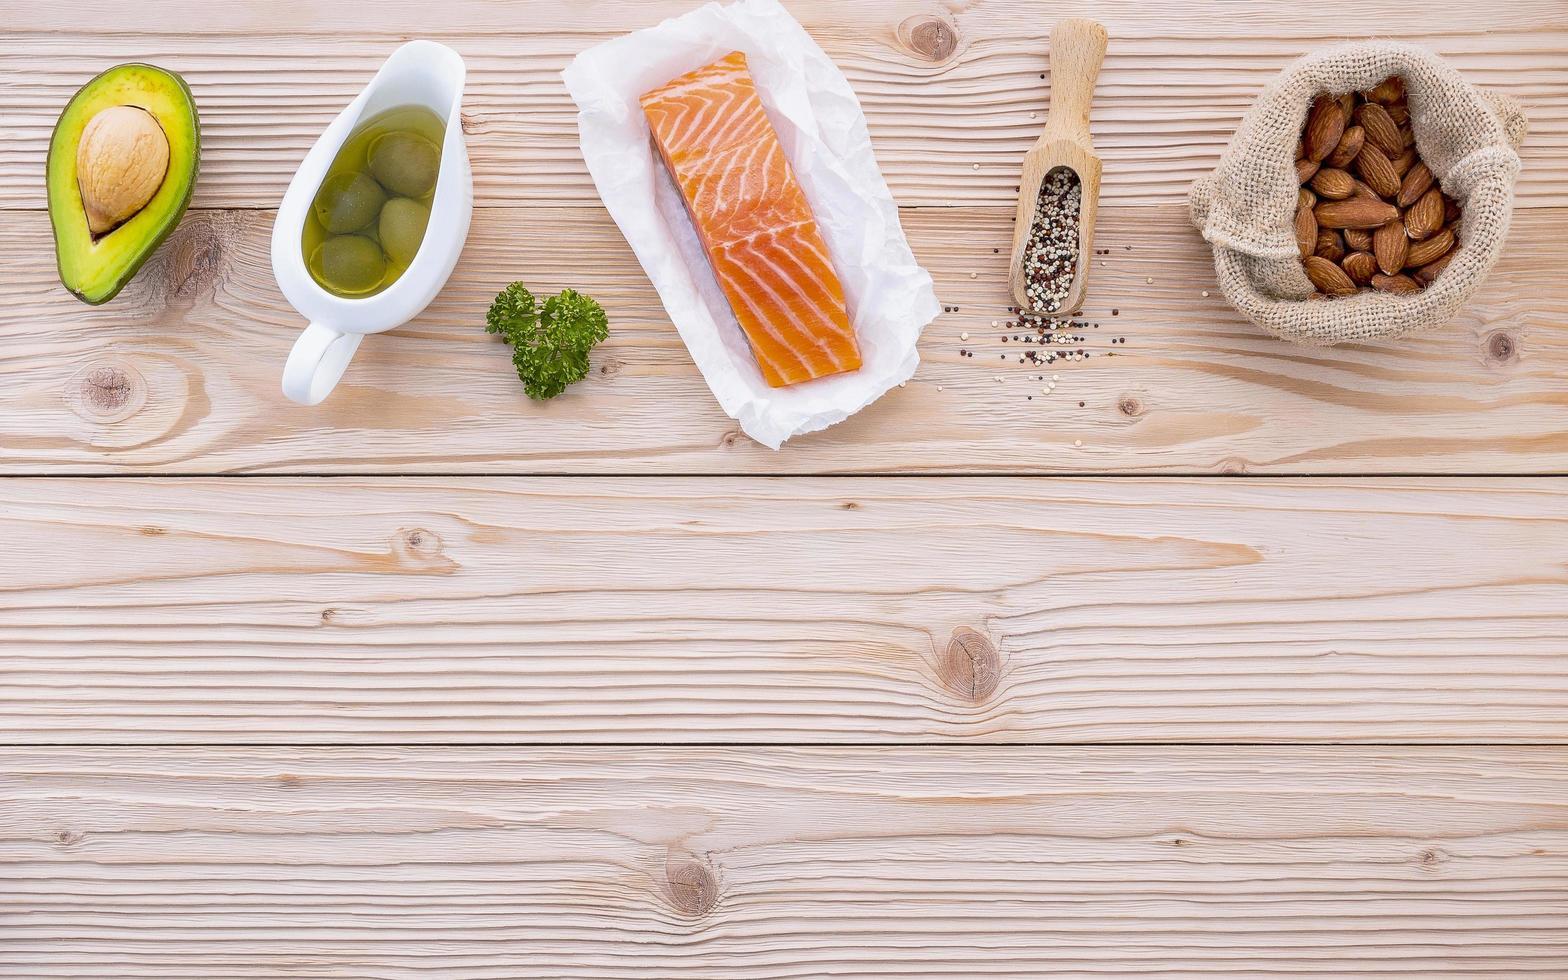 alimentos saudáveis em madeira clara foto